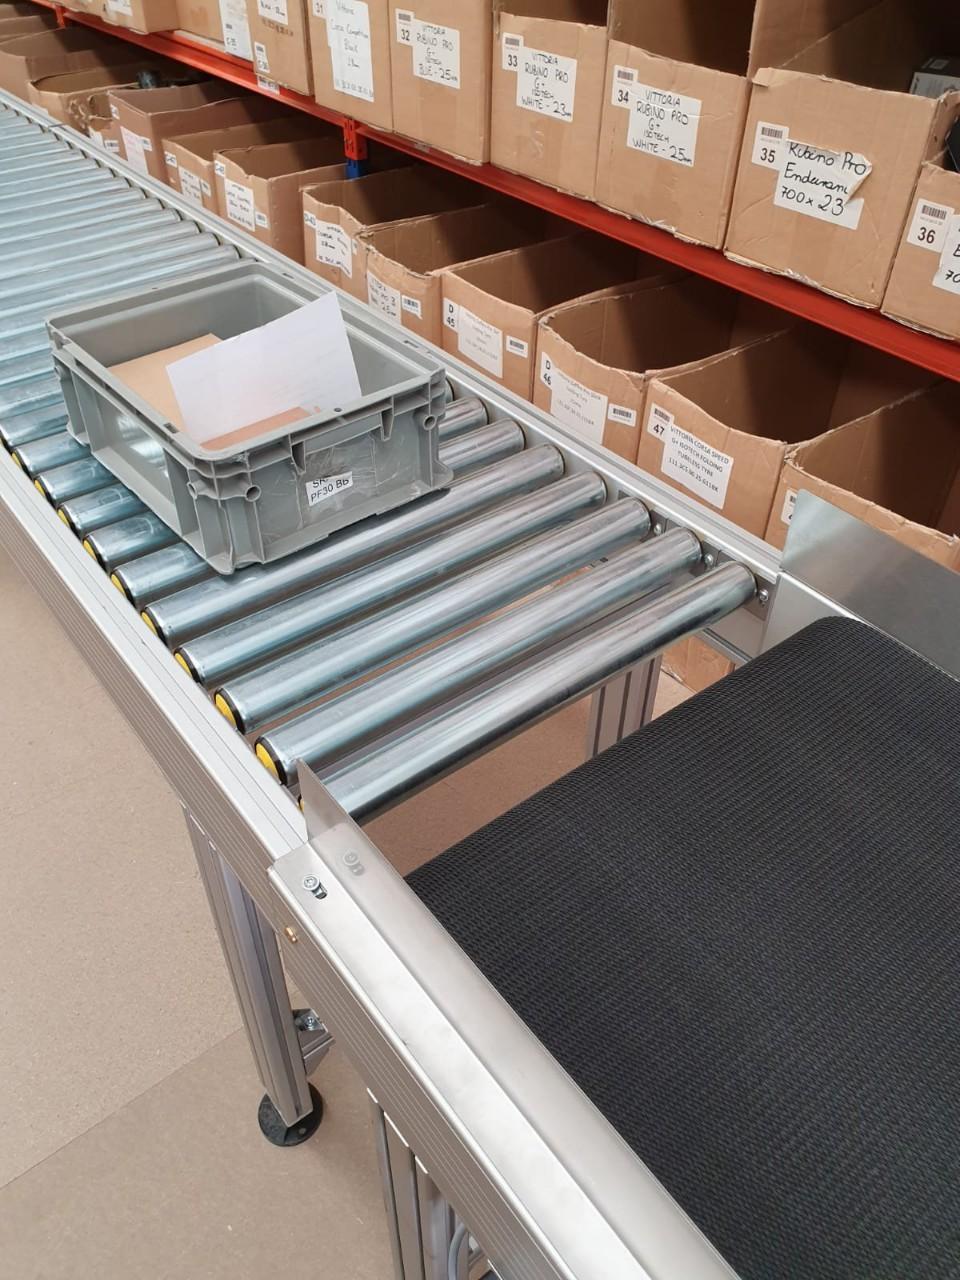 Khung băng tải con lăn - khung băng tải dạng xếp - Băng tải Doanh Trí